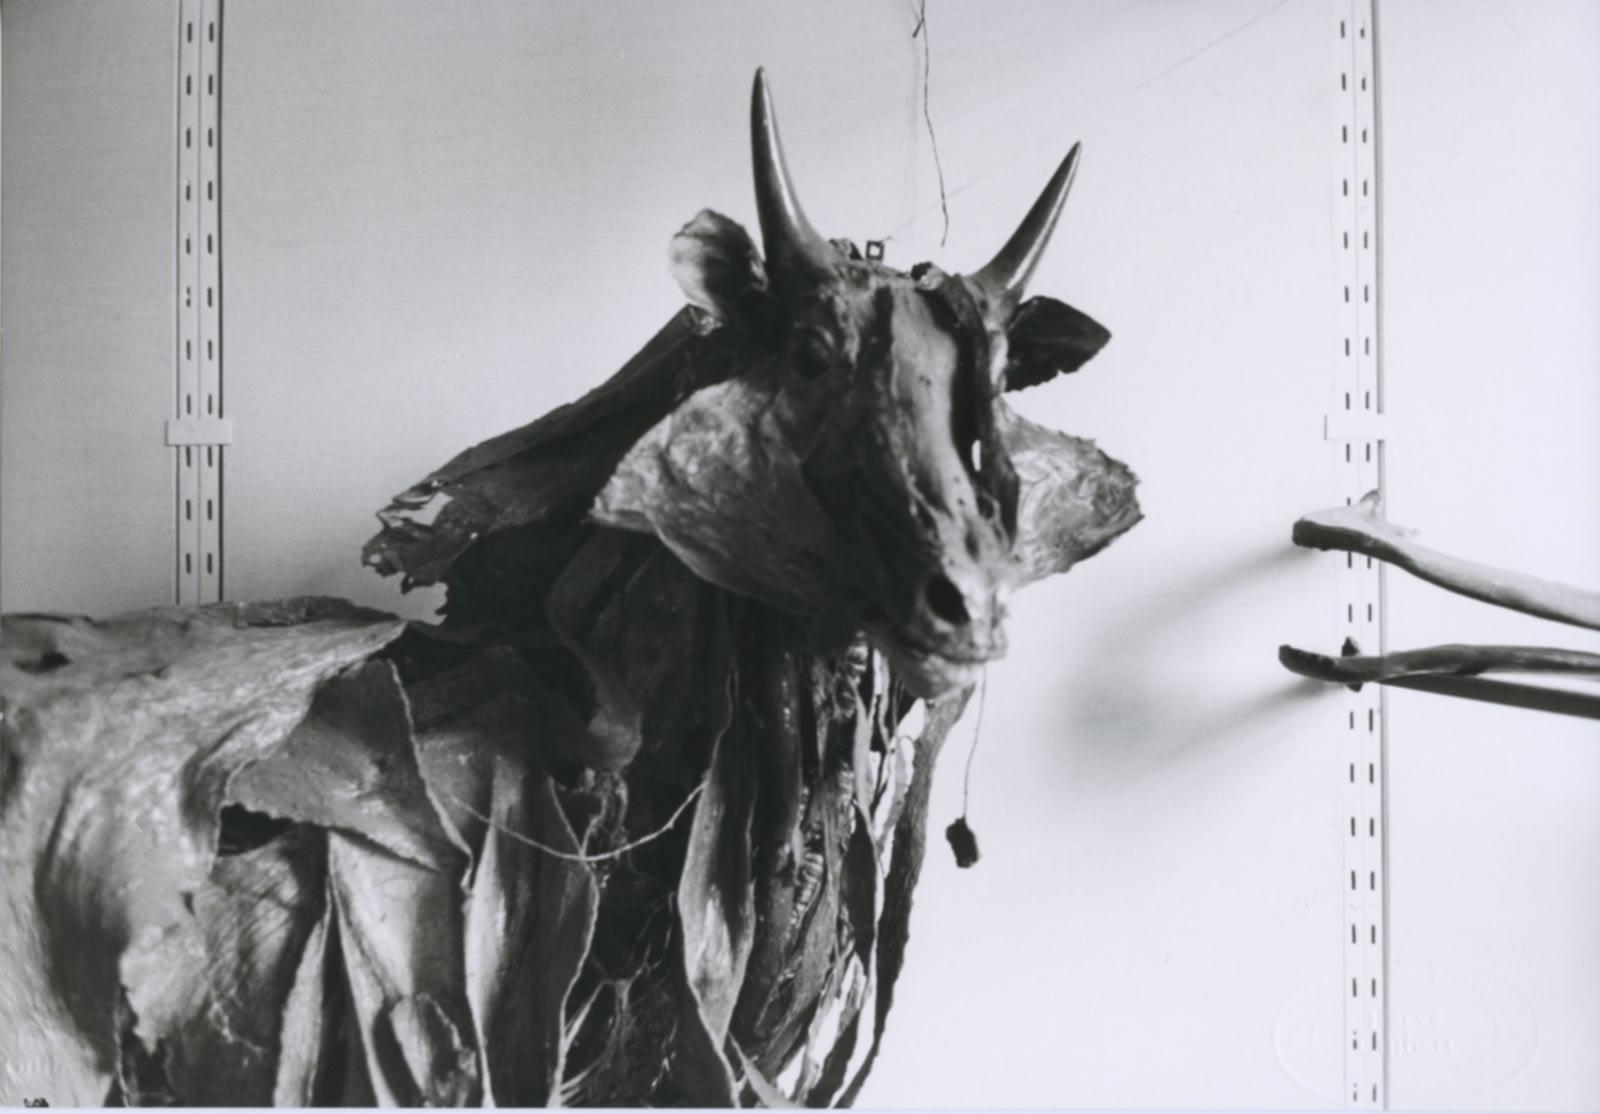 Hervé Guibert, Musée de l'École Vétérinaire, Maisons-Alfort, 1978